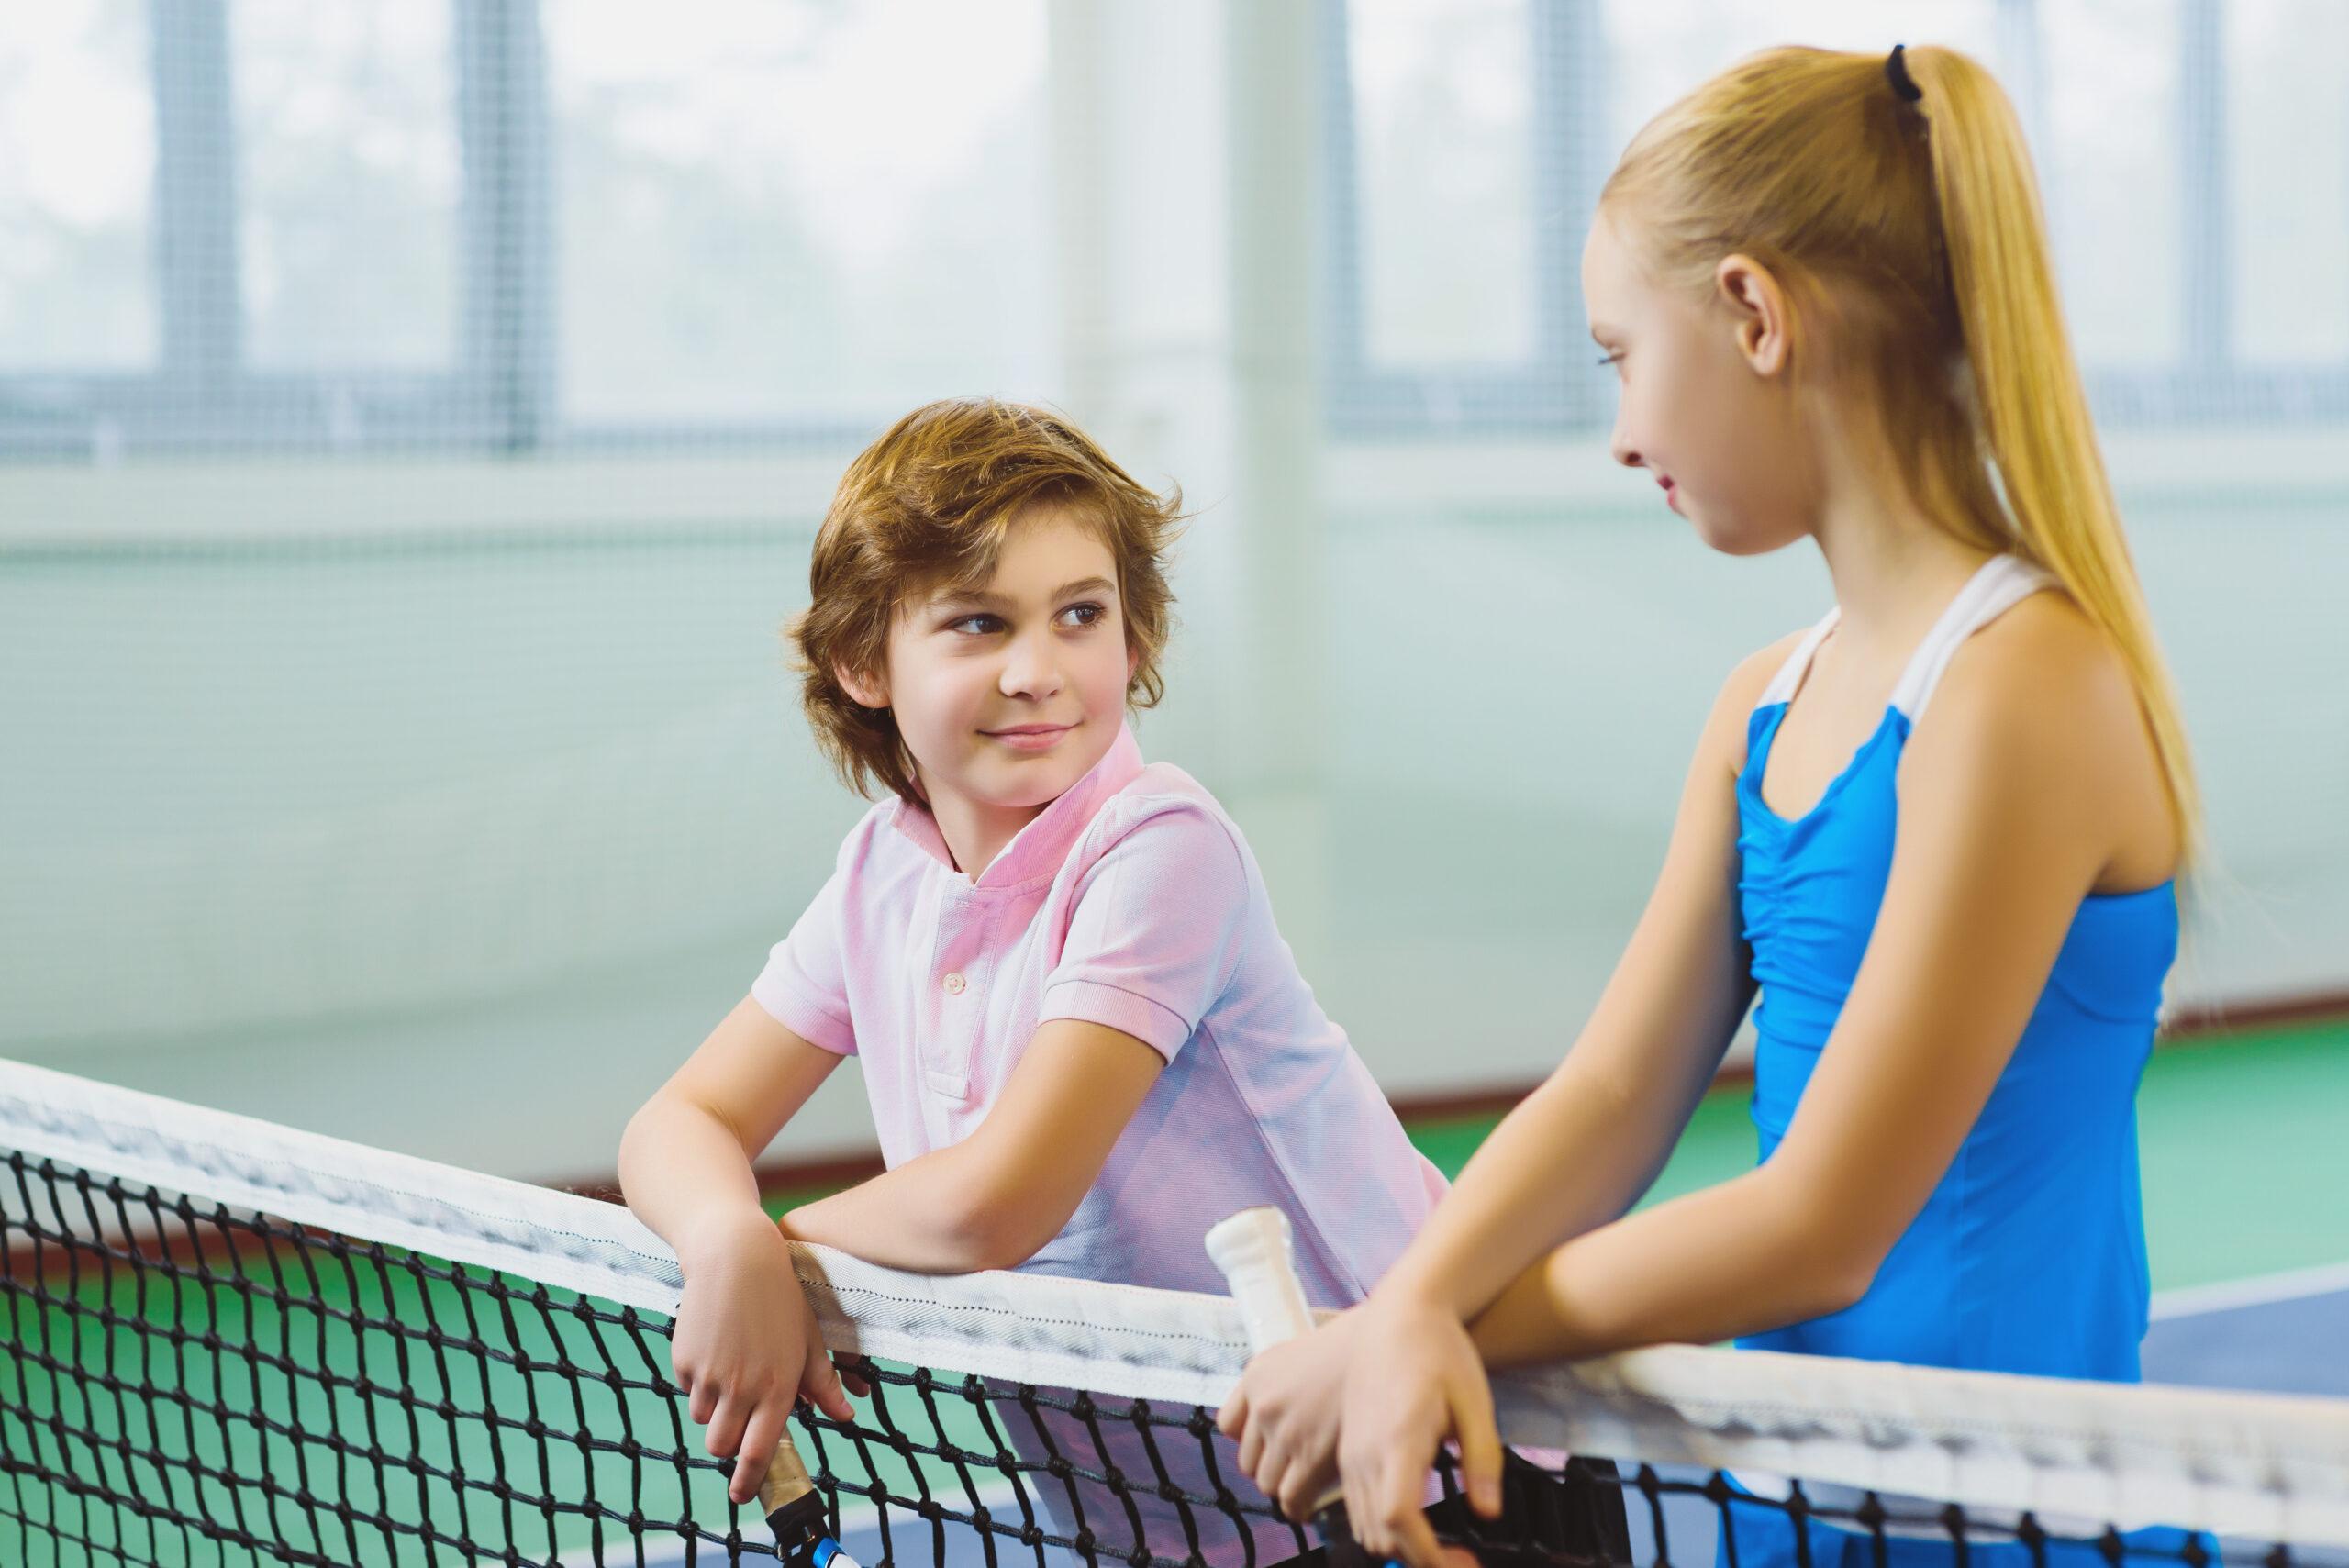 Як обрати ракетку для великого тенісу